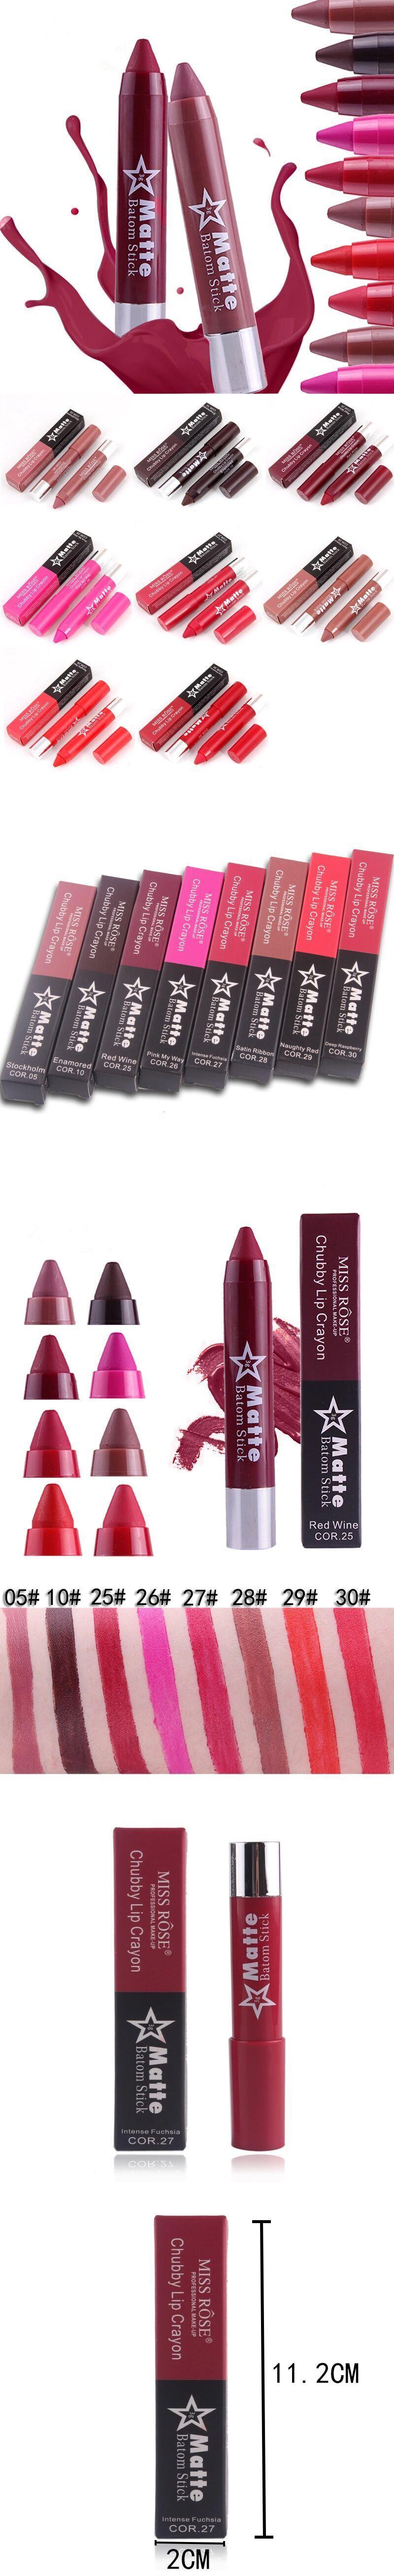 Cosméticos private label cosméticos À Prova D' Água de Longa Duração batom cor mudando batom batons beleza envidraçada